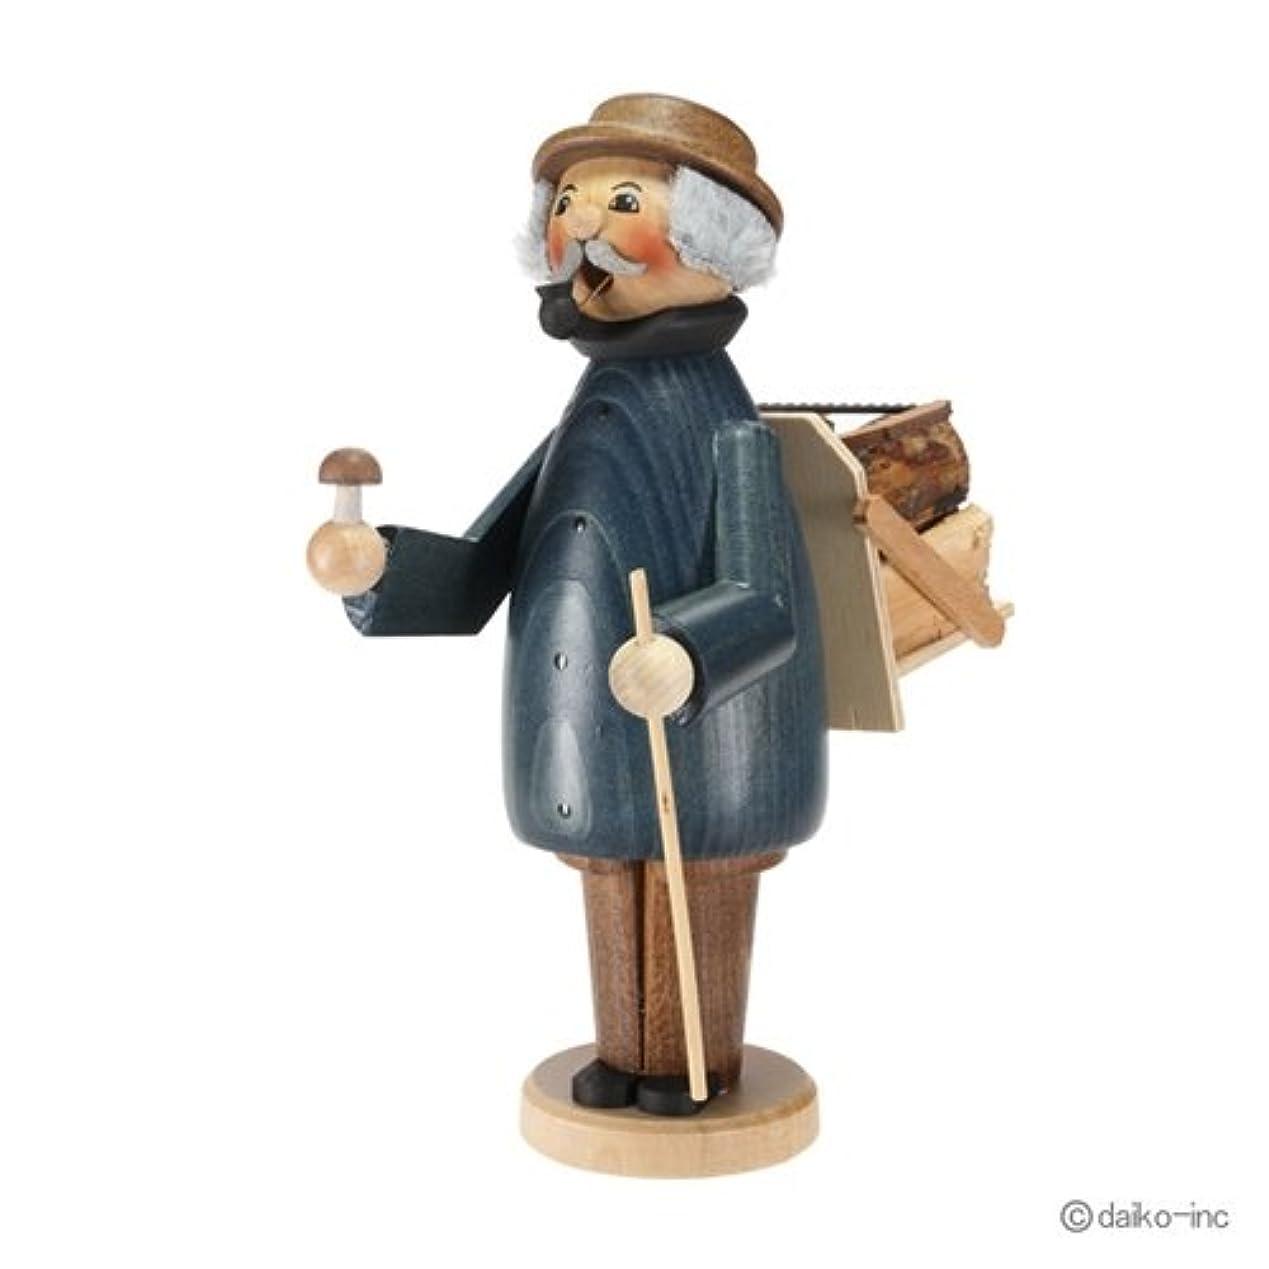 豊かな第勘違いするクーネルト kuhnert ミニパイプ人形香炉 薪拾い